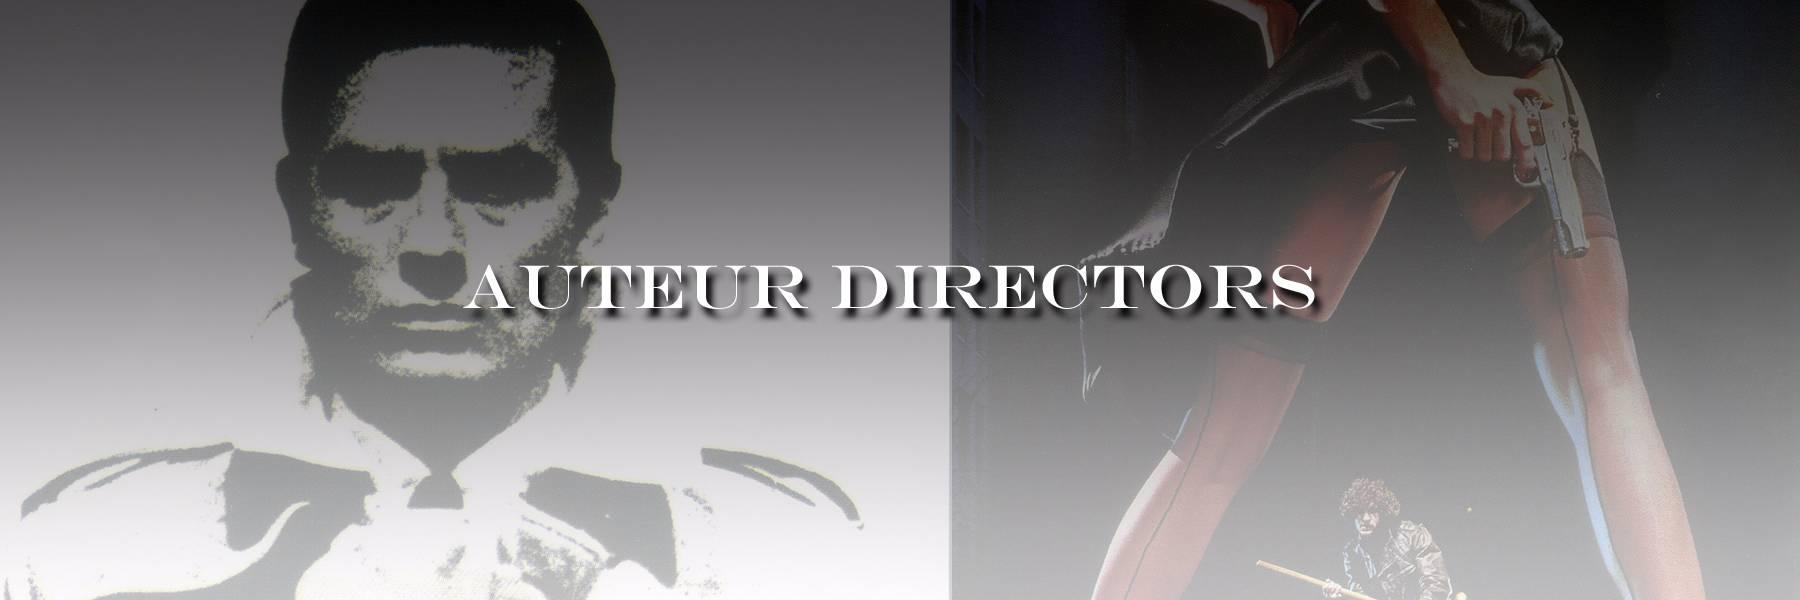 Auteur Directors